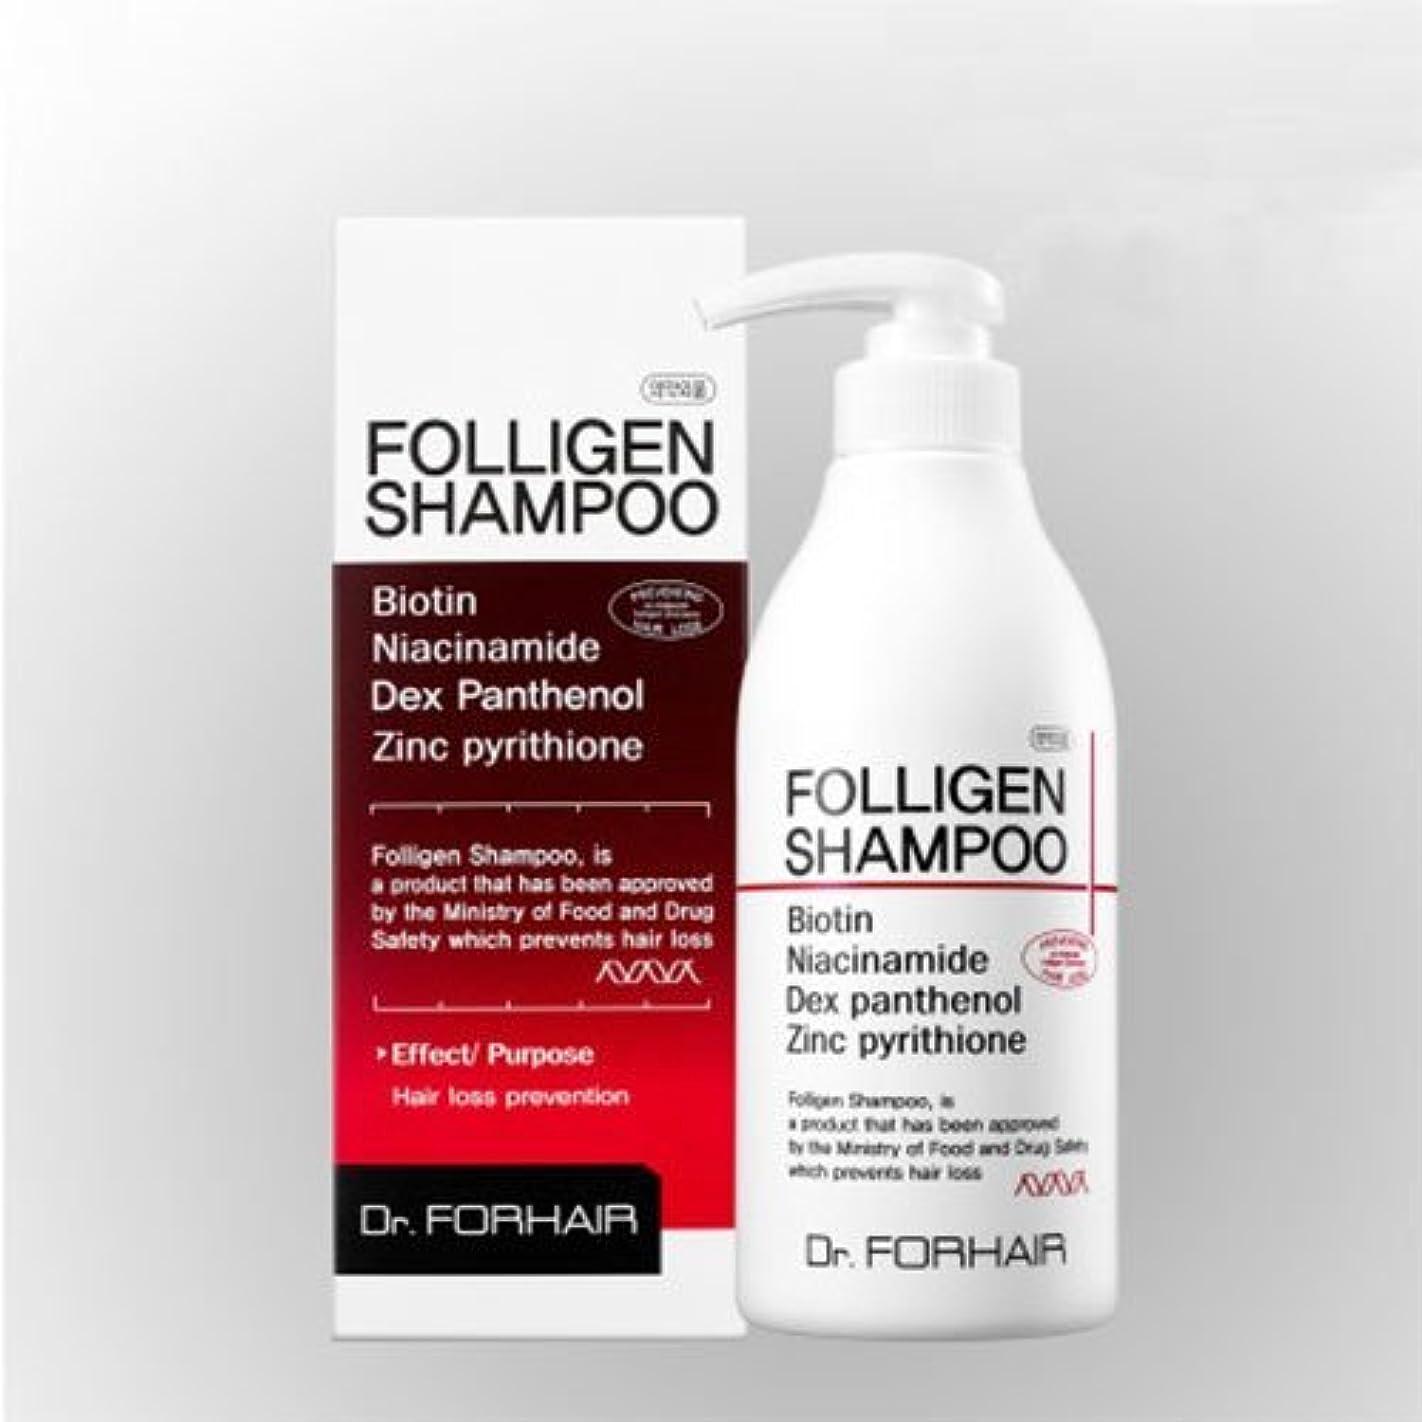 ロゴ信号バケットダクト?フォーヘア ポルリジェン シャンプー500ml 脱毛防止シャンプー[並行輸入品] / Dr. Forhair Folligen Shampoo 500ml (16.9 fl.oz.) for Hair Loss Prevention